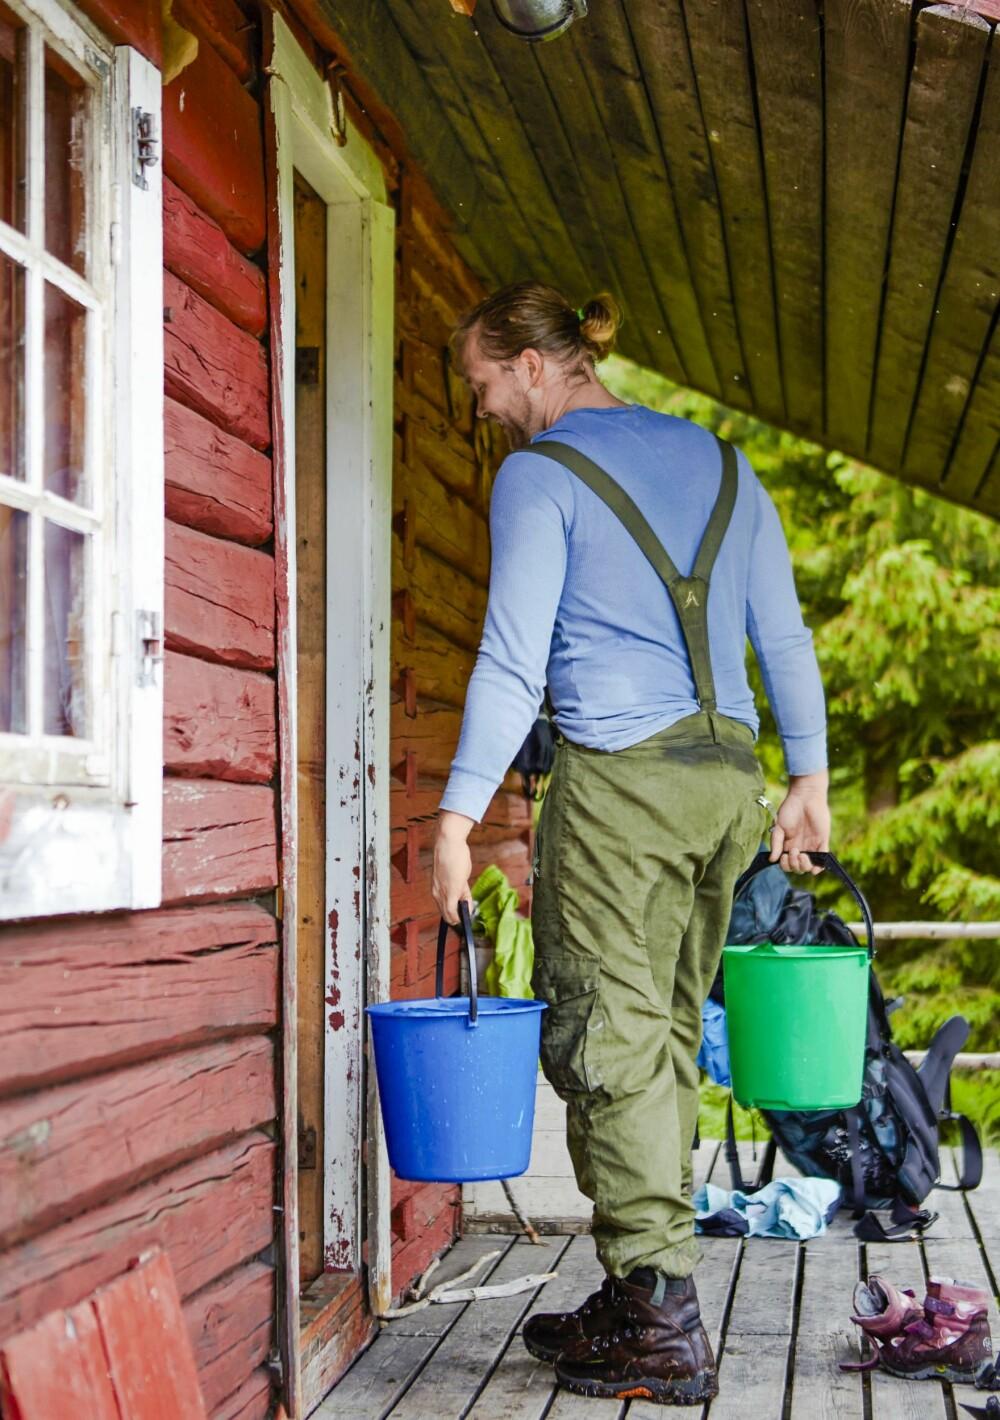 HENTER VANN: Gunnar må gå til brønnen som ligger noen meter bak hytta for å hente vann. (FOTO: Sveinung Bråthen)